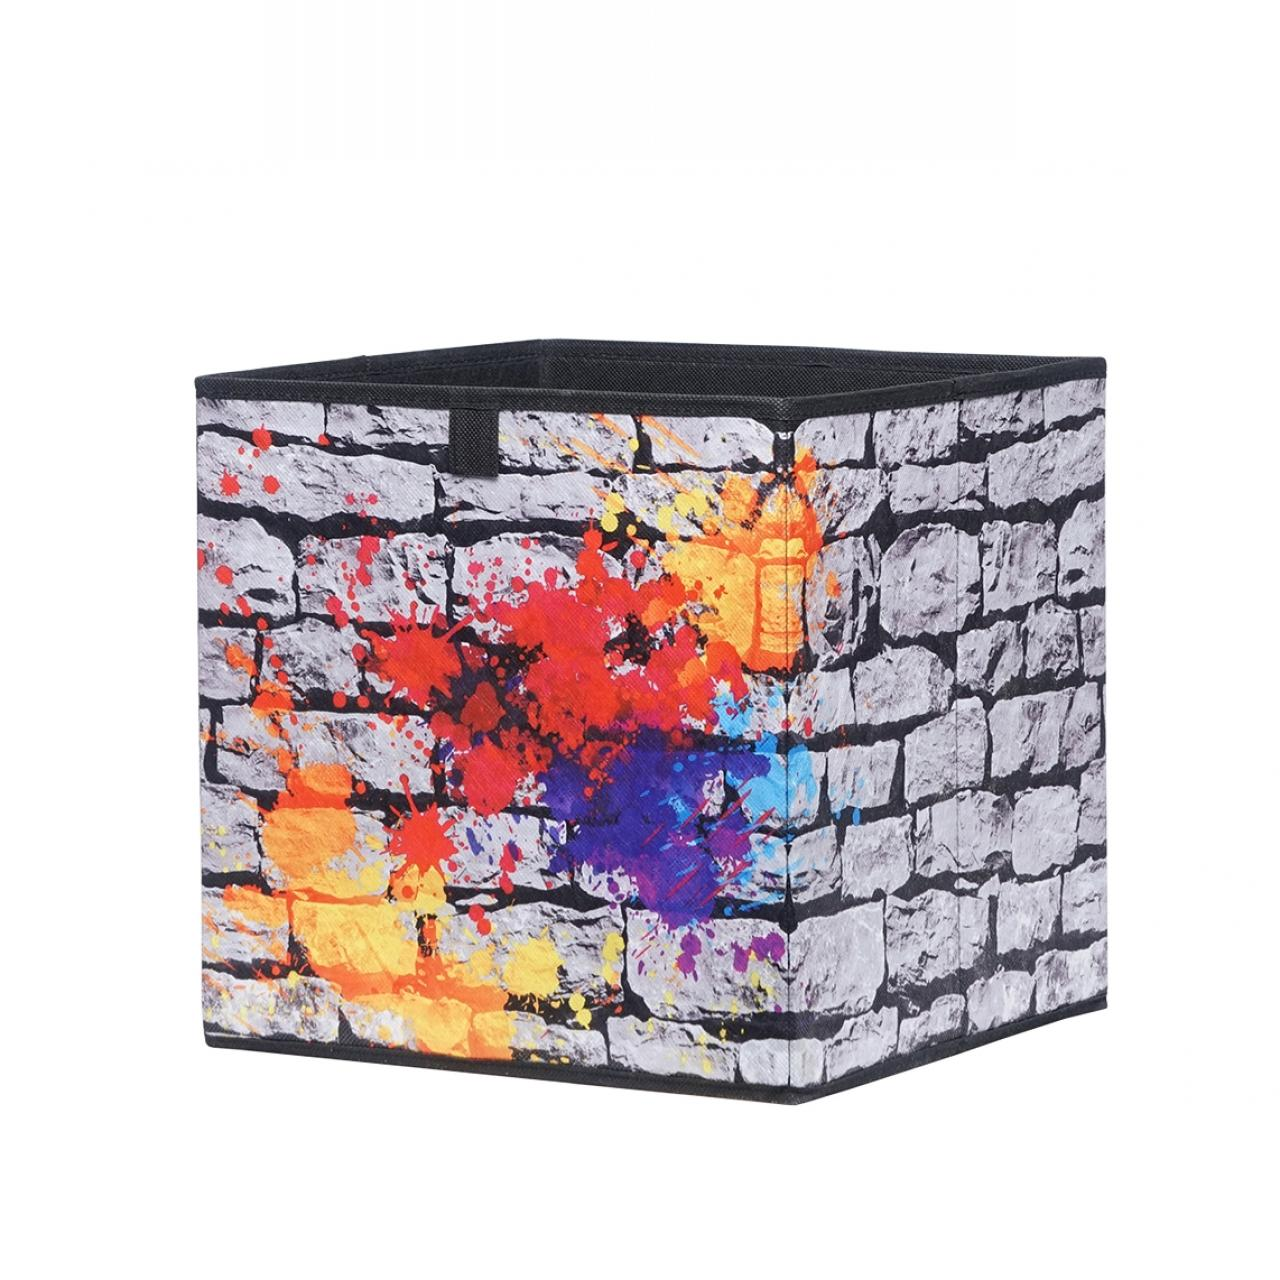 Faltbox Graffiti Alfa 1